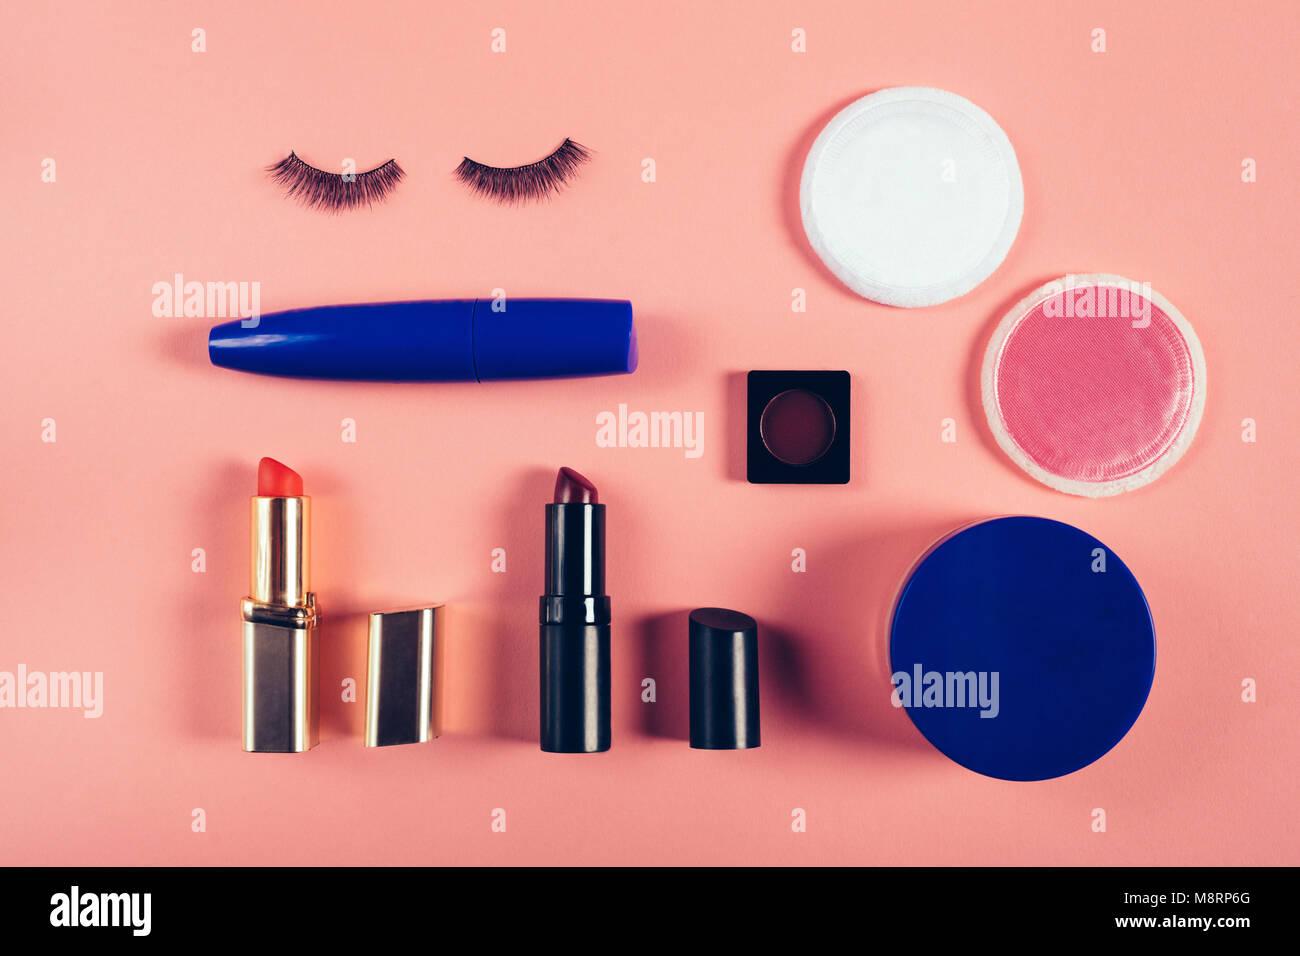 Ansicht von oben der Make-up-Ausrüstung auf farbigem Hintergrund Stockfoto